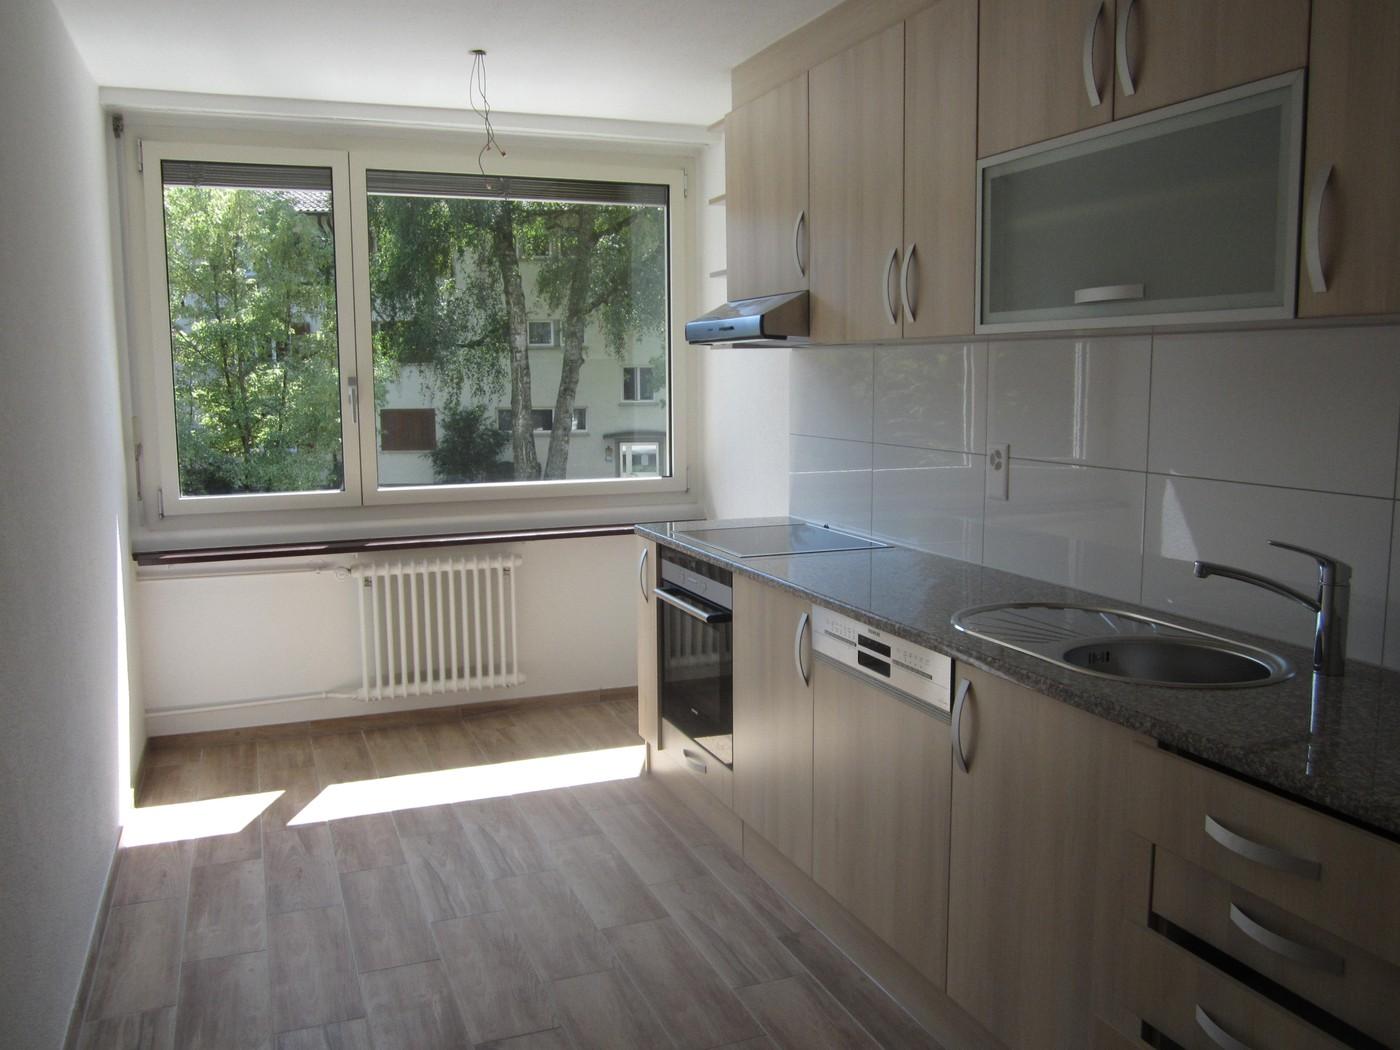 2 Zimmer Wohnung In Zurich Mieten Flatfox